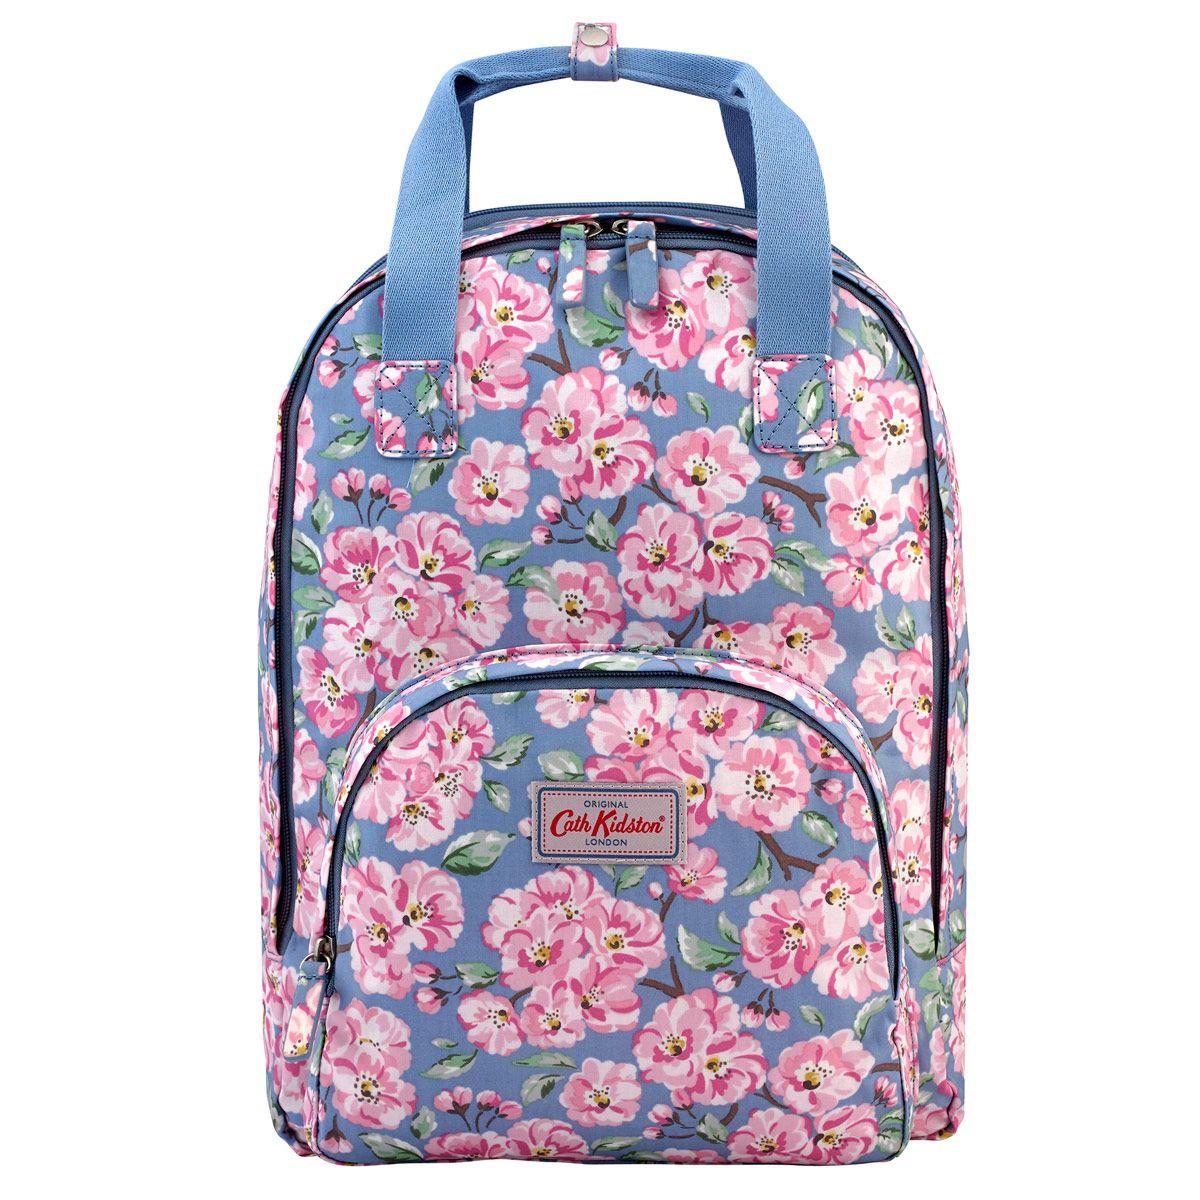 blossom bunch multi pocket backpack backpacks. Black Bedroom Furniture Sets. Home Design Ideas